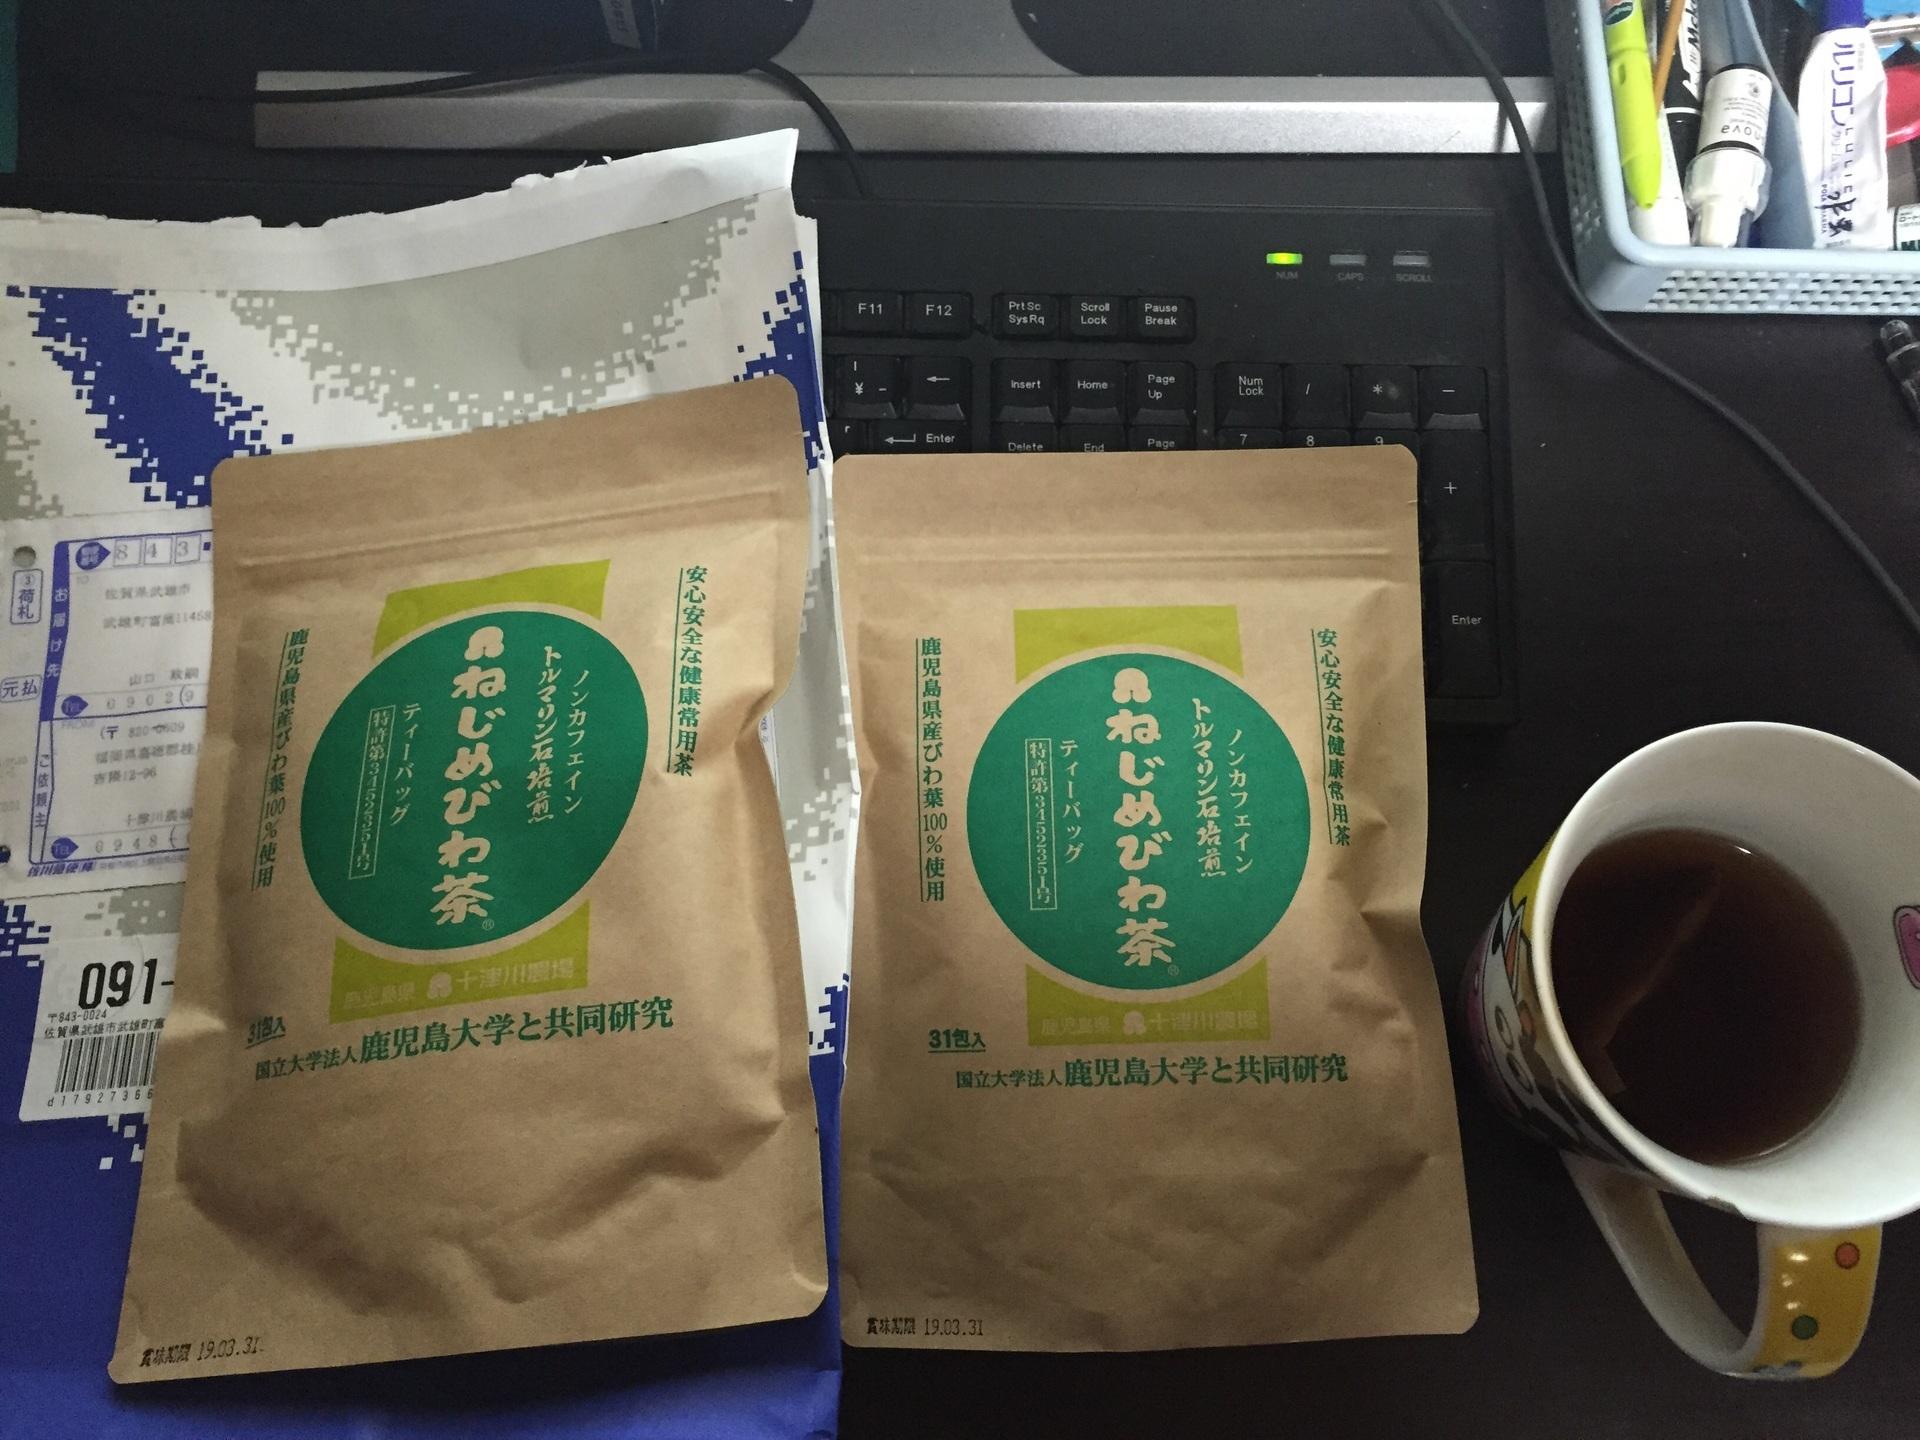 茶 効能 びわ びわ茶の効能・副作用(癌、アレルギー、滋養強壮などに効果的)